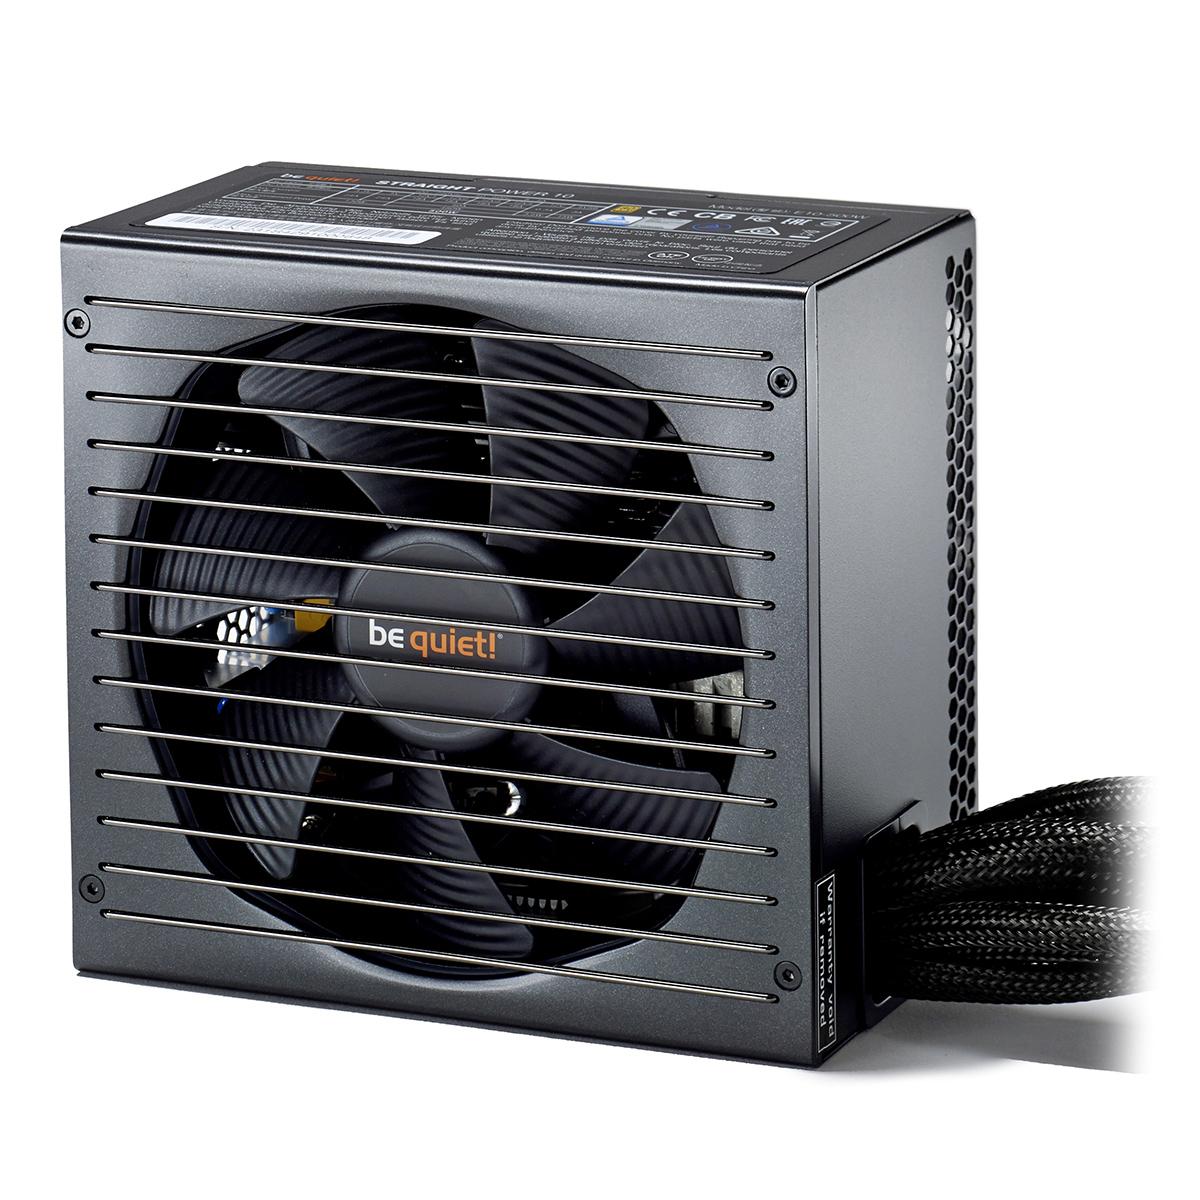 Alimentation PC be quiet! Straight Power 10 700W 80PLUS Gold Alimentation 700W ATX 12V 2.4/ EPS 12V 2.92 (Garantie 5 ans par Be Quiet !)